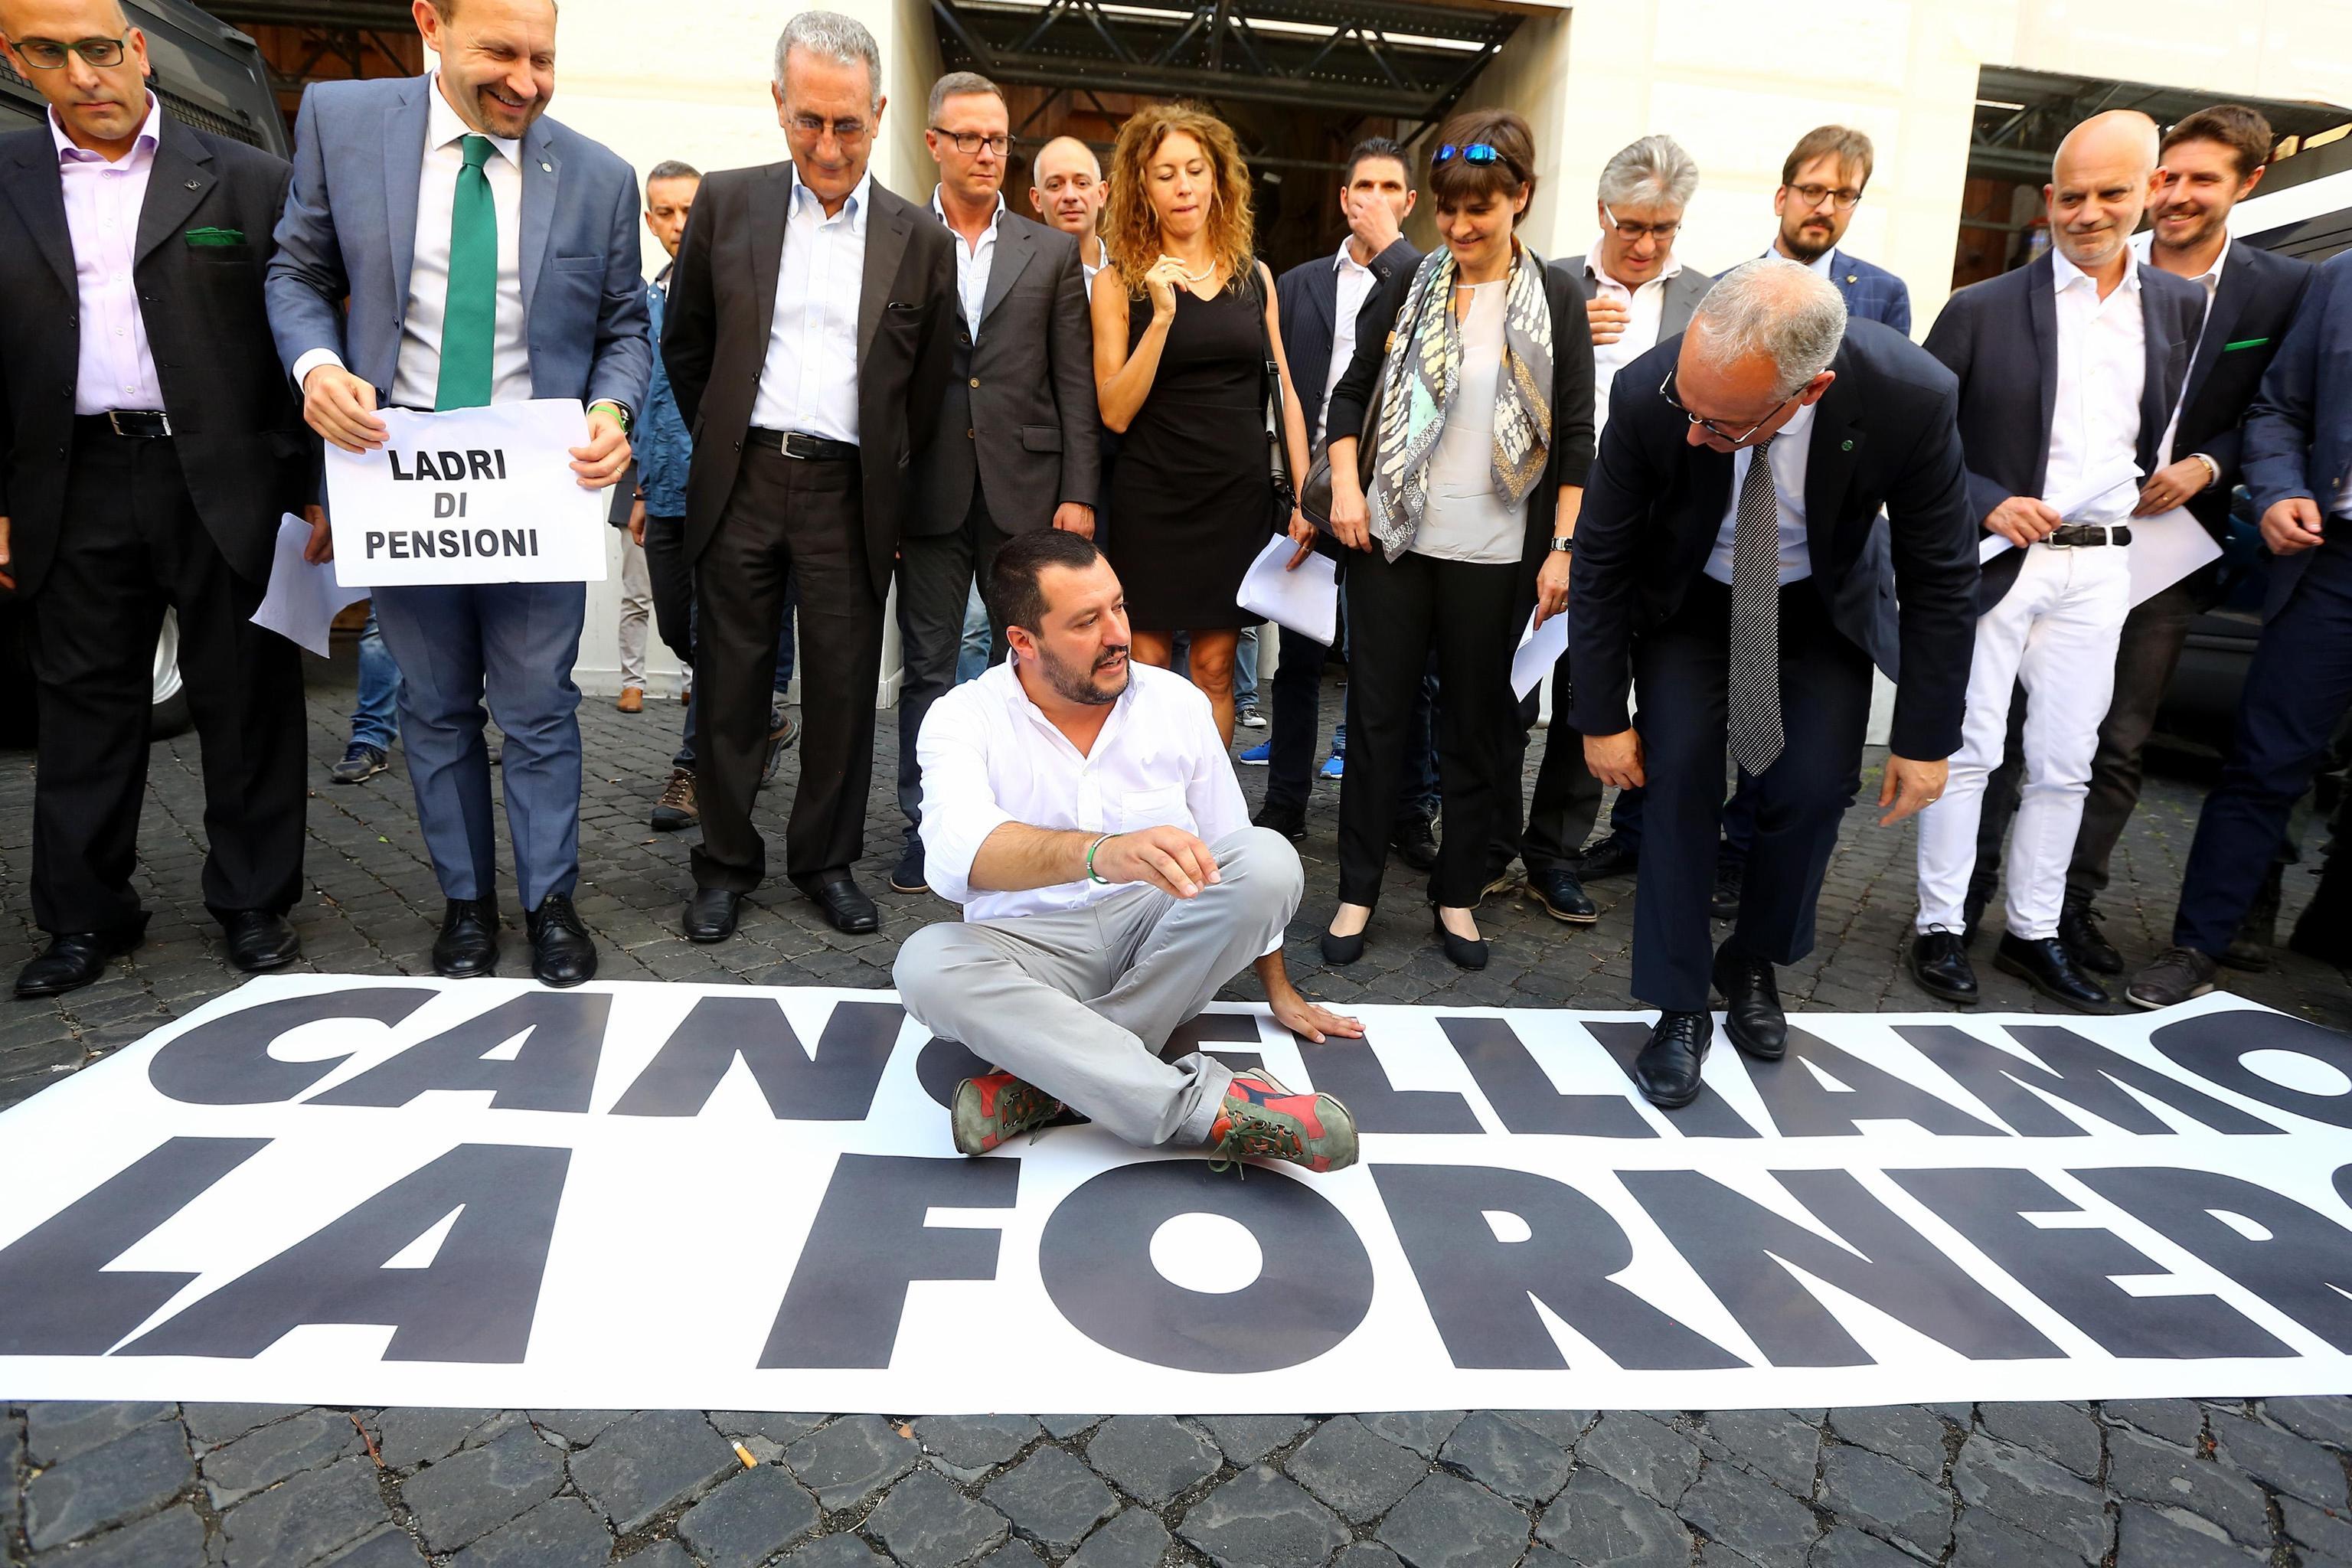 Se Salvini aspetta la Fornero sotto casa - Famiglia Cristiana